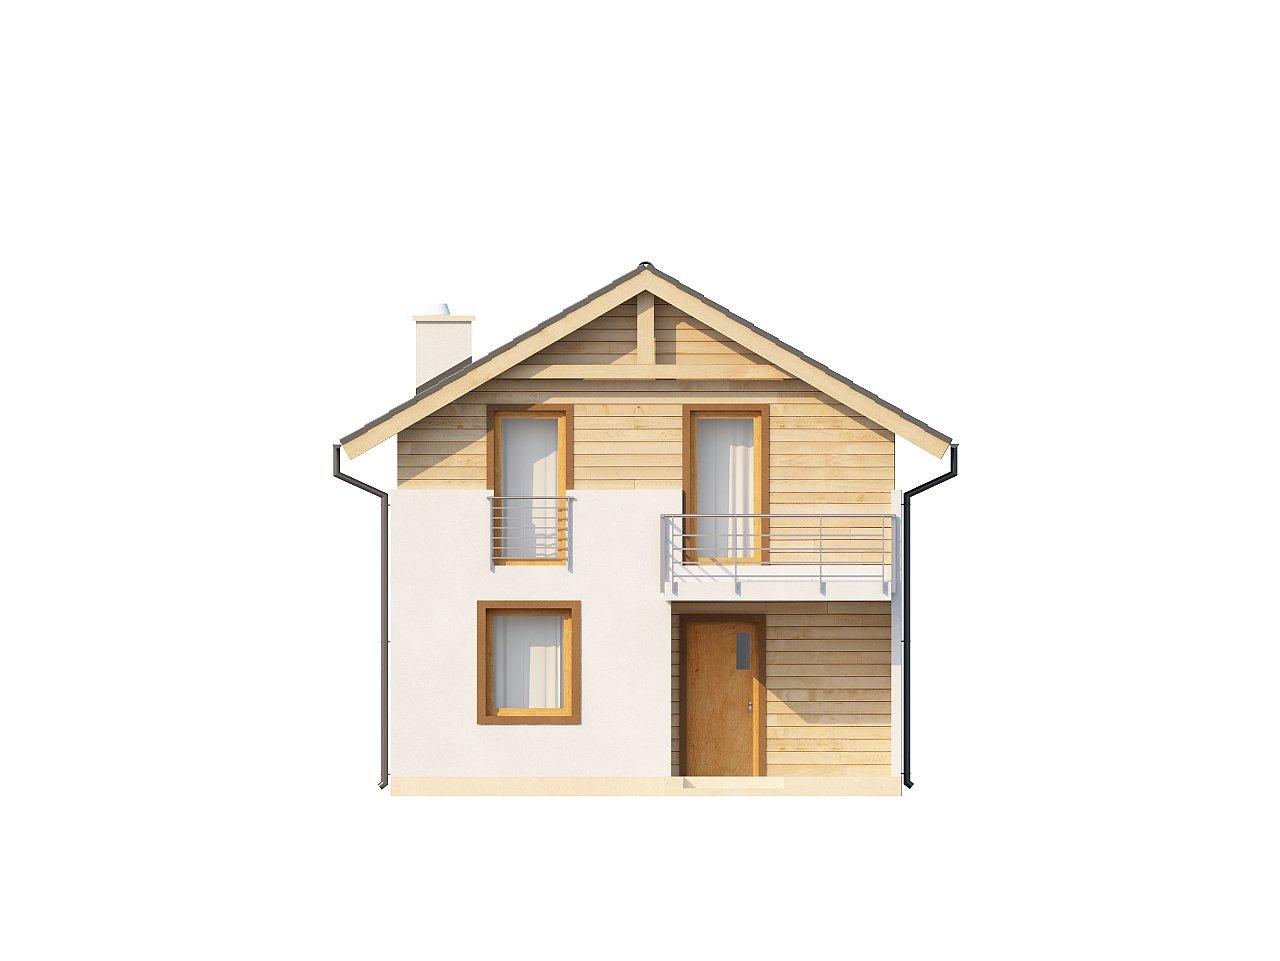 Простой и удобный дом для узкого участка с высокой аттиковой стеной. - фото 12